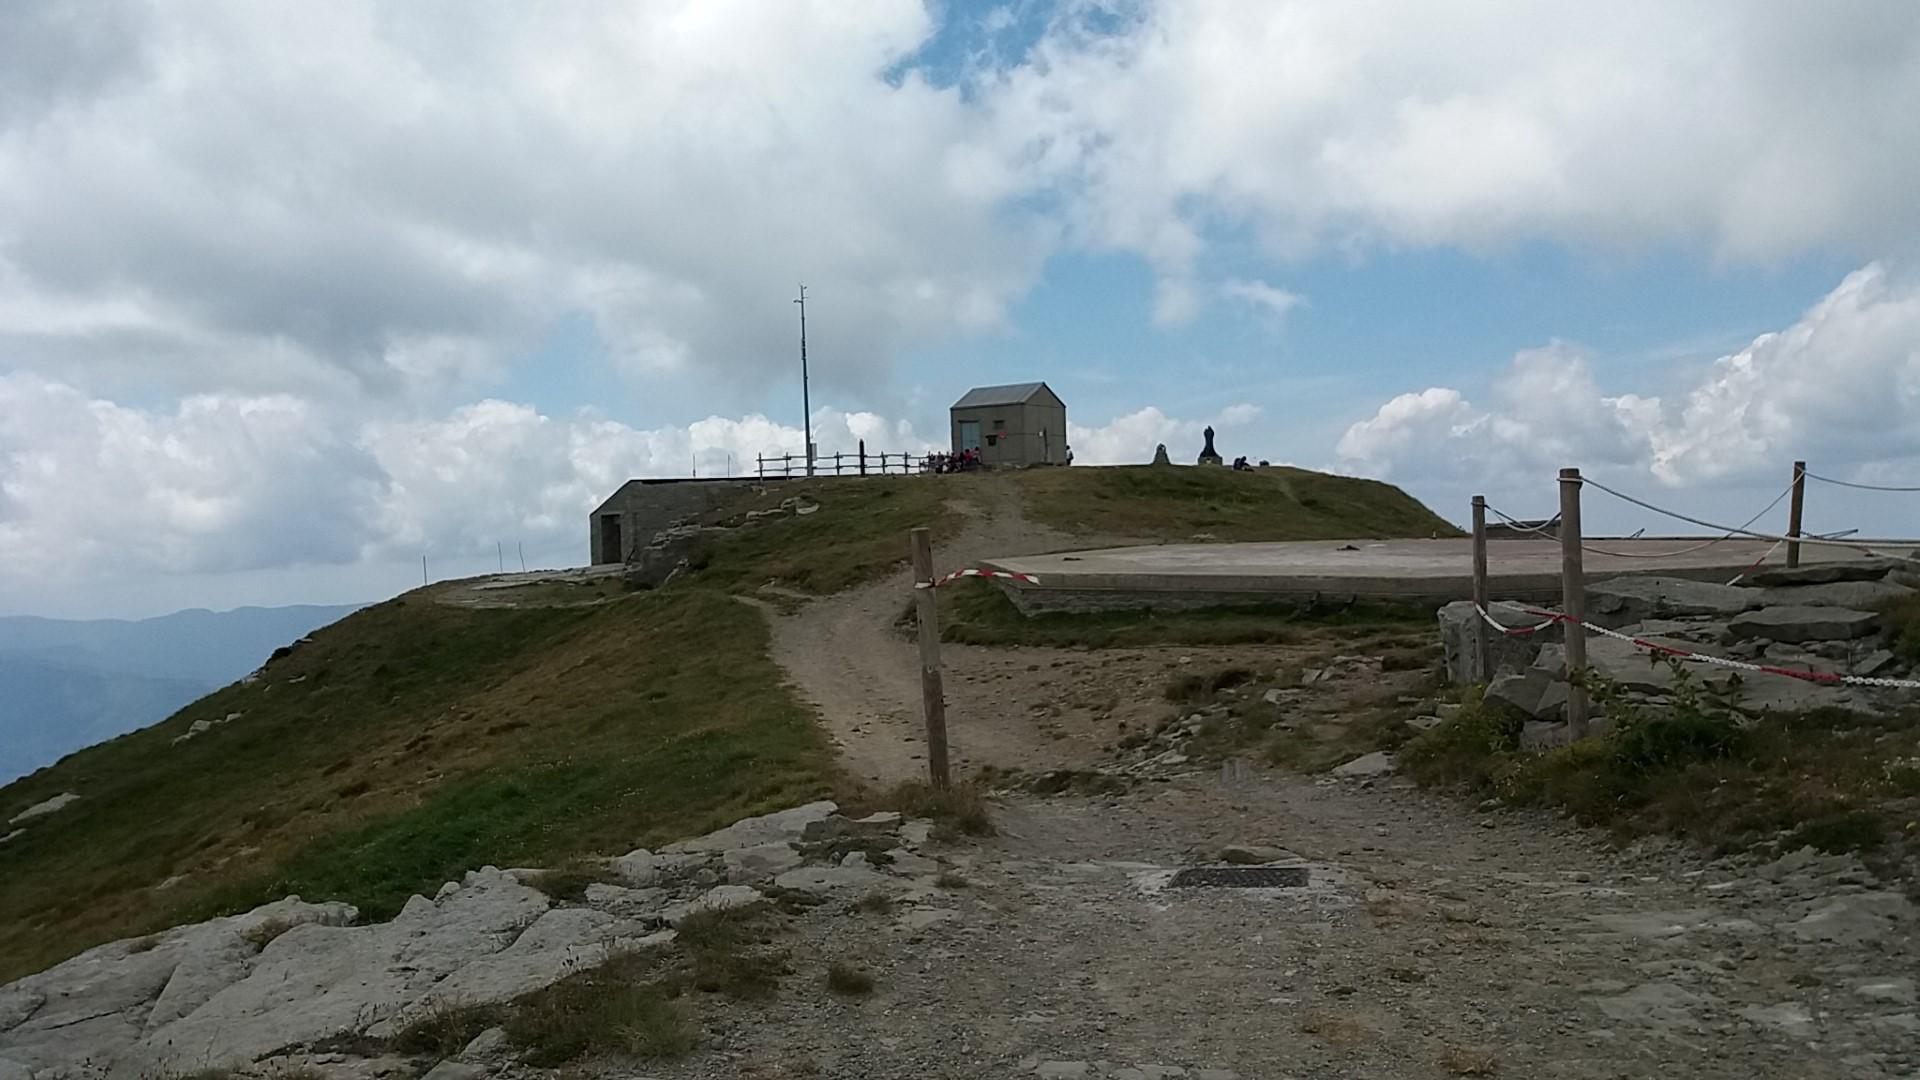 Cima del monte Cimone